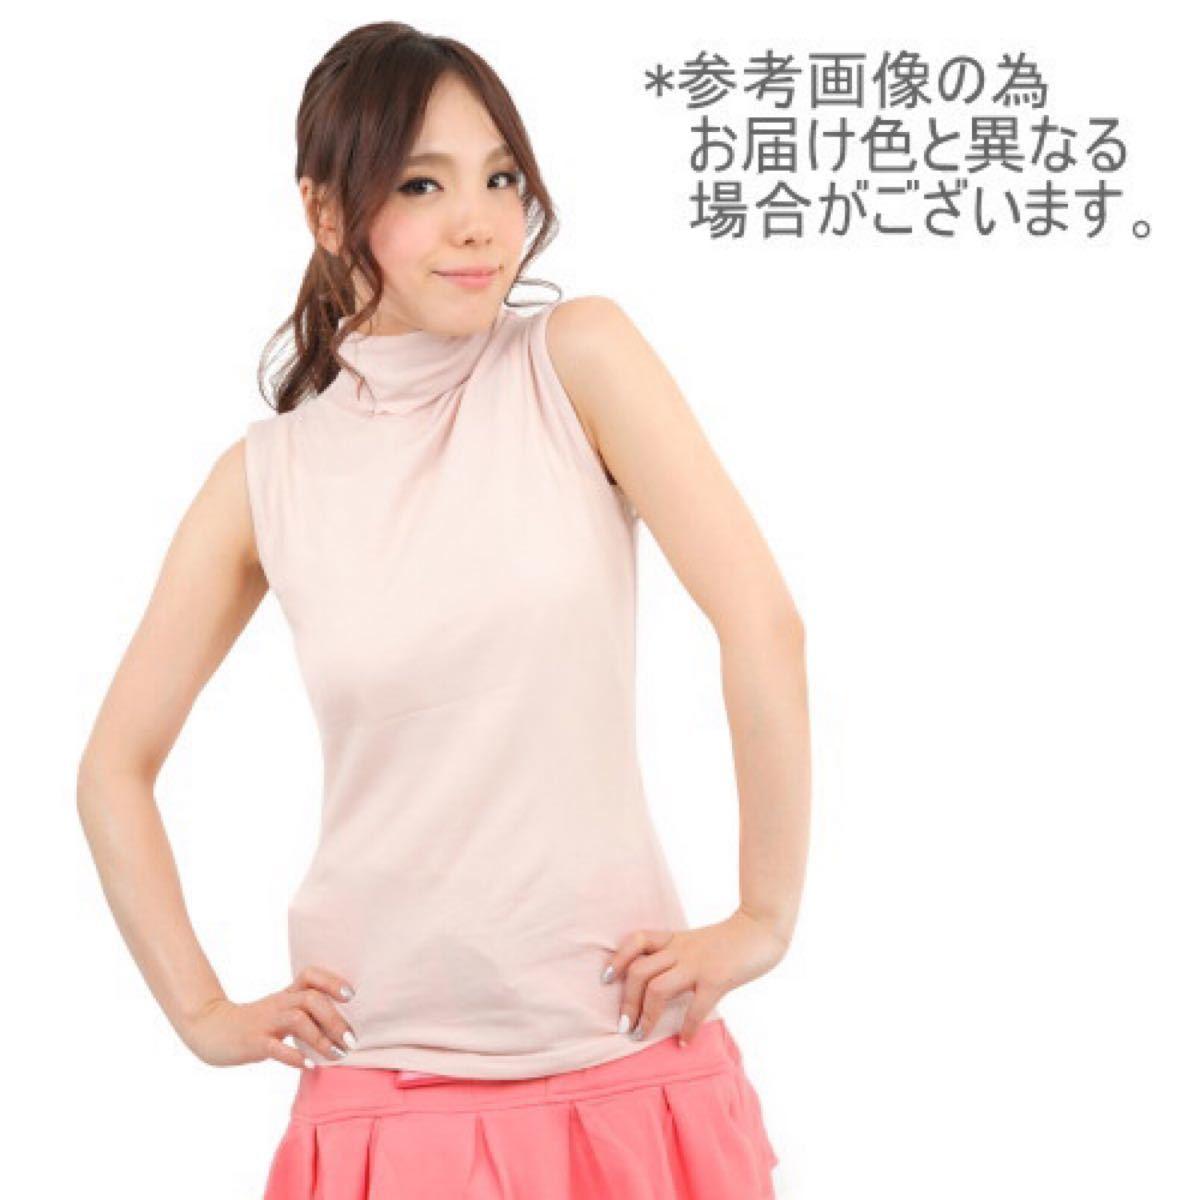 ノースリーブ【3Lサイズ】シェルピンク★UVカットハイネックカットソー